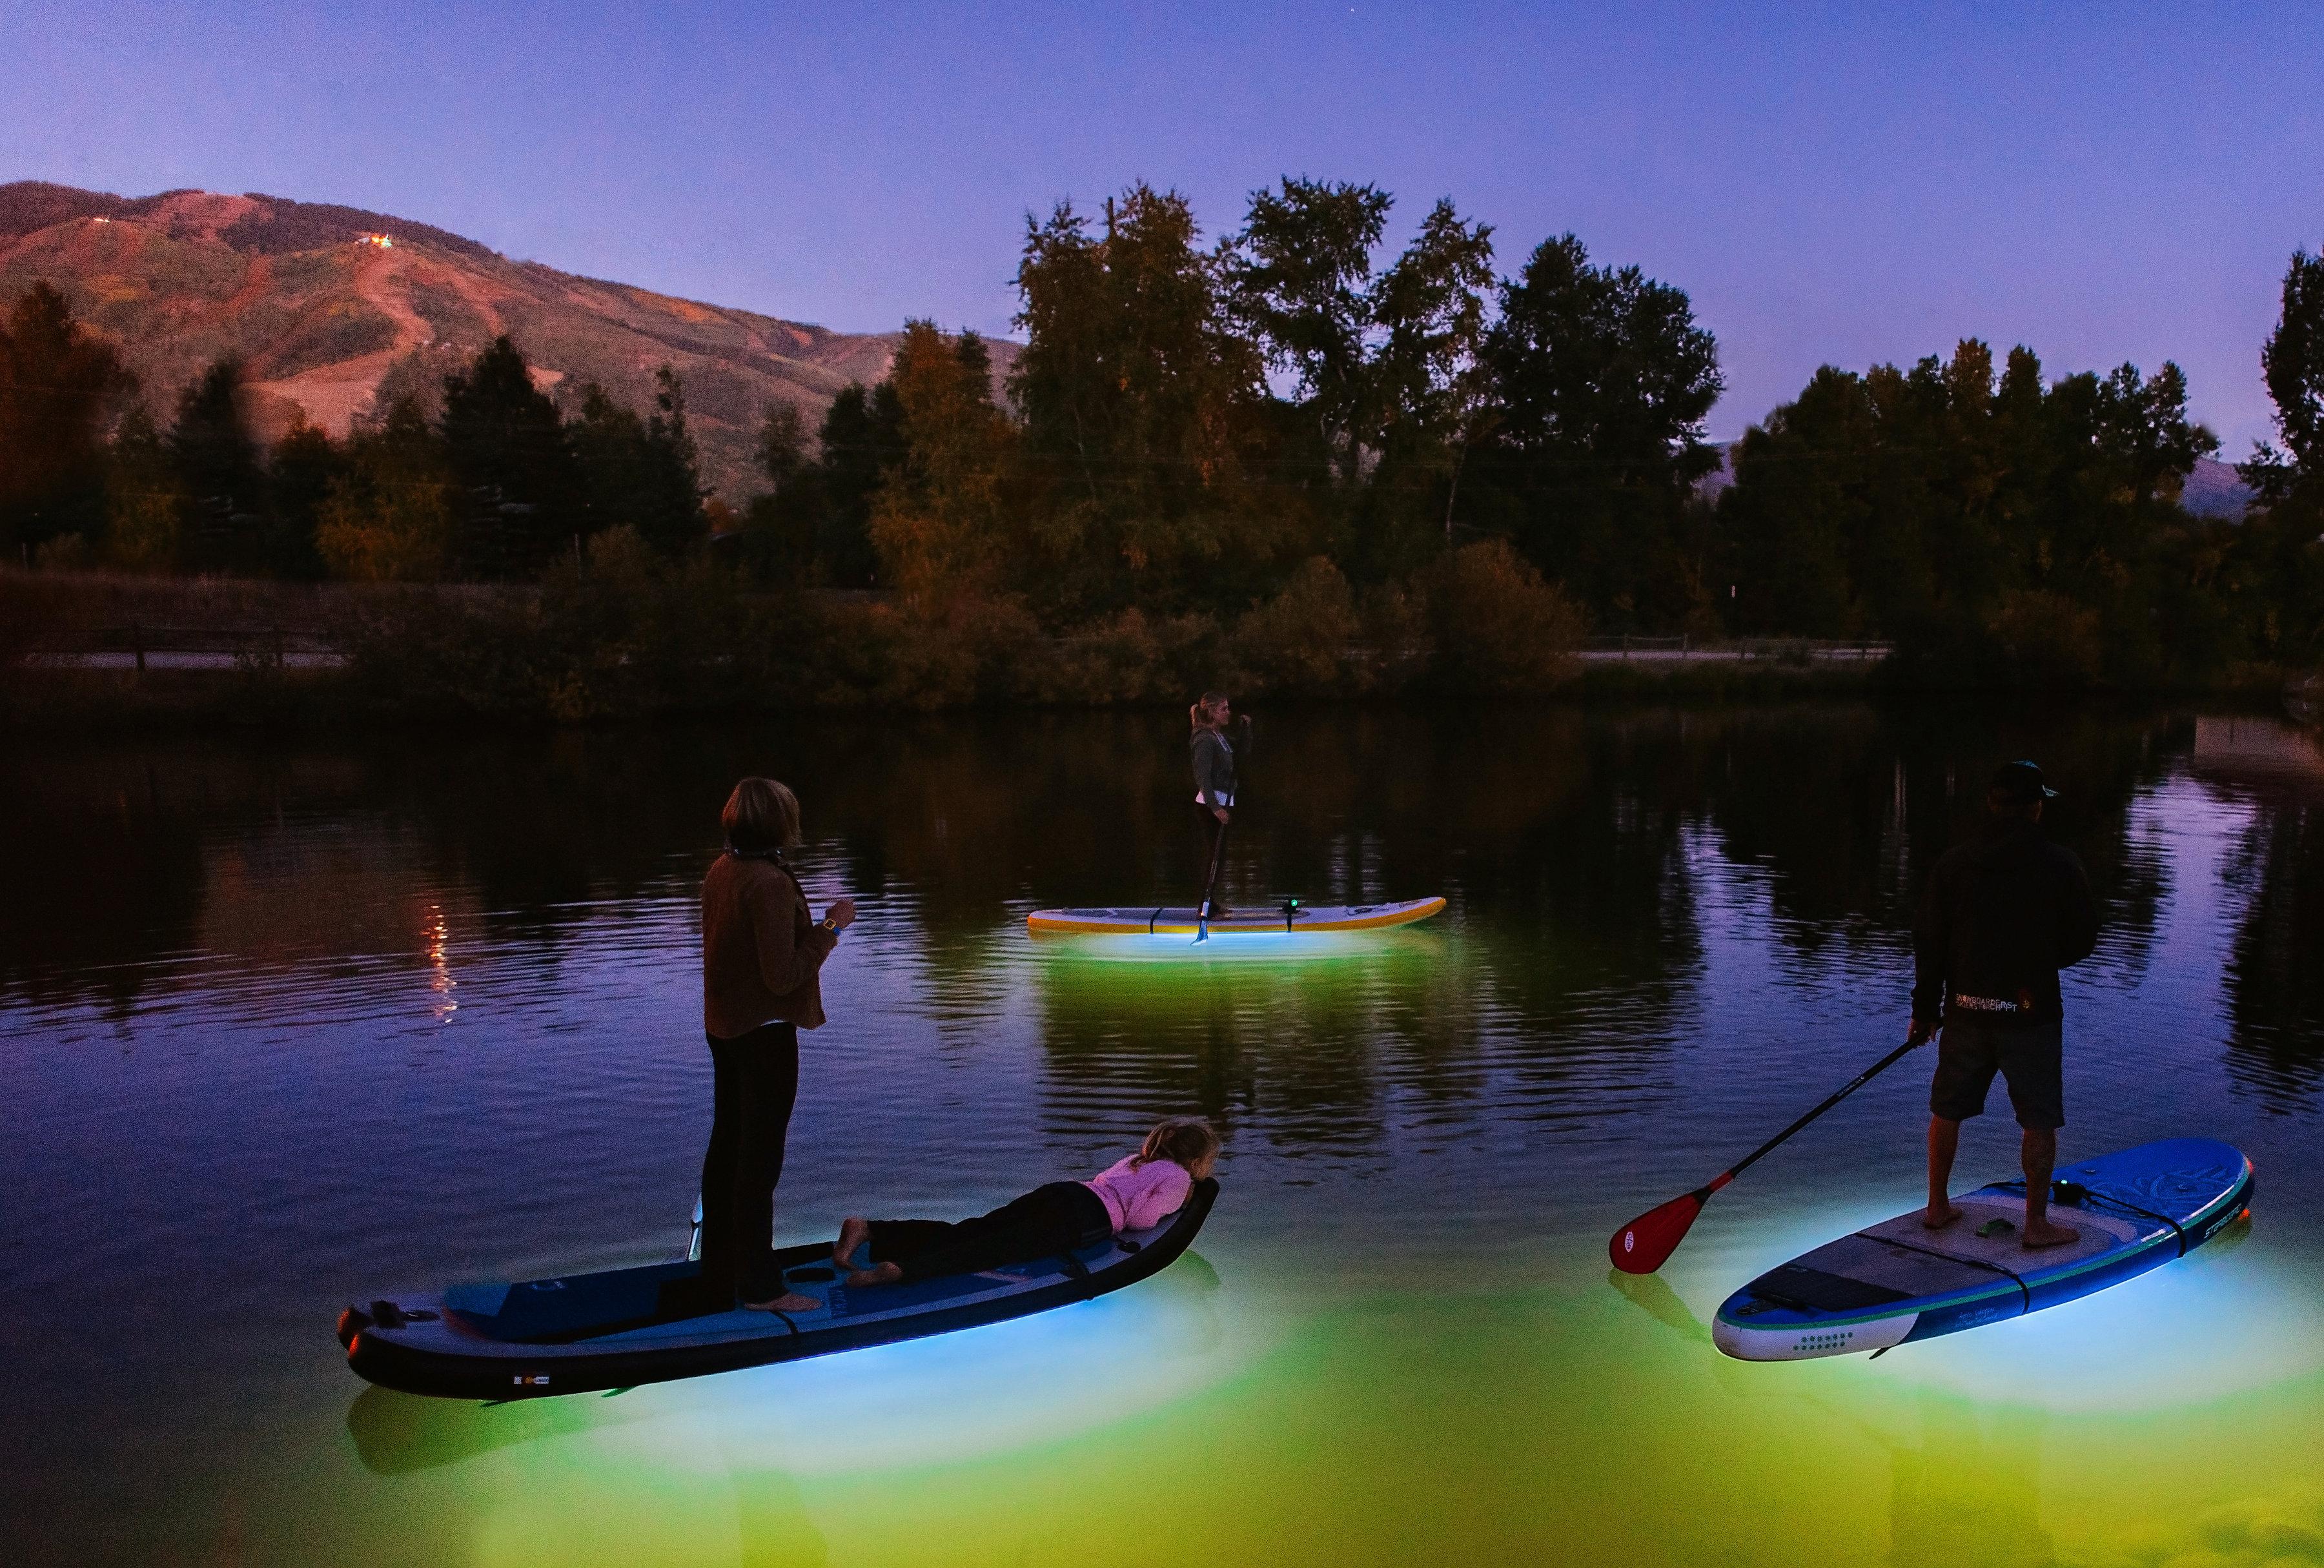 Paddleboard on Pearl Lake at night